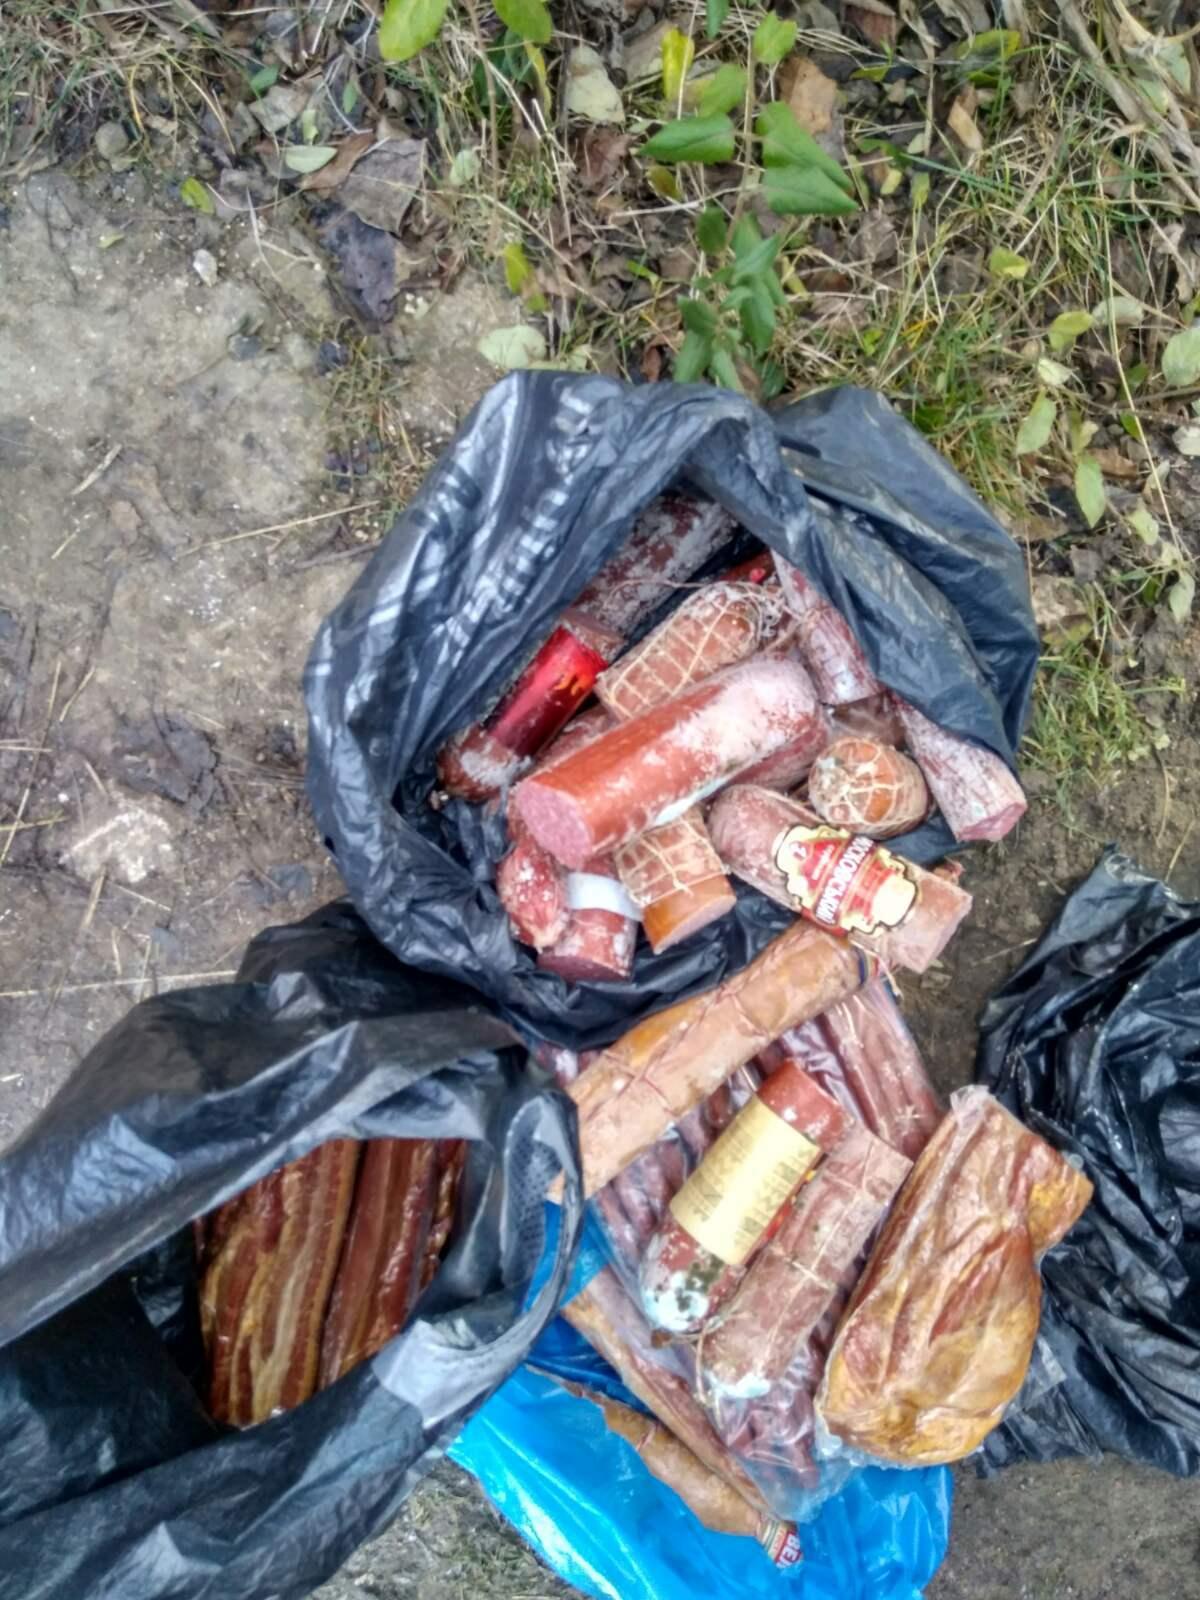 Inspectorii DSVSA au confiscat 74 kg de produse alimentare în trafic și au amendat un magazin alimentar din Carei